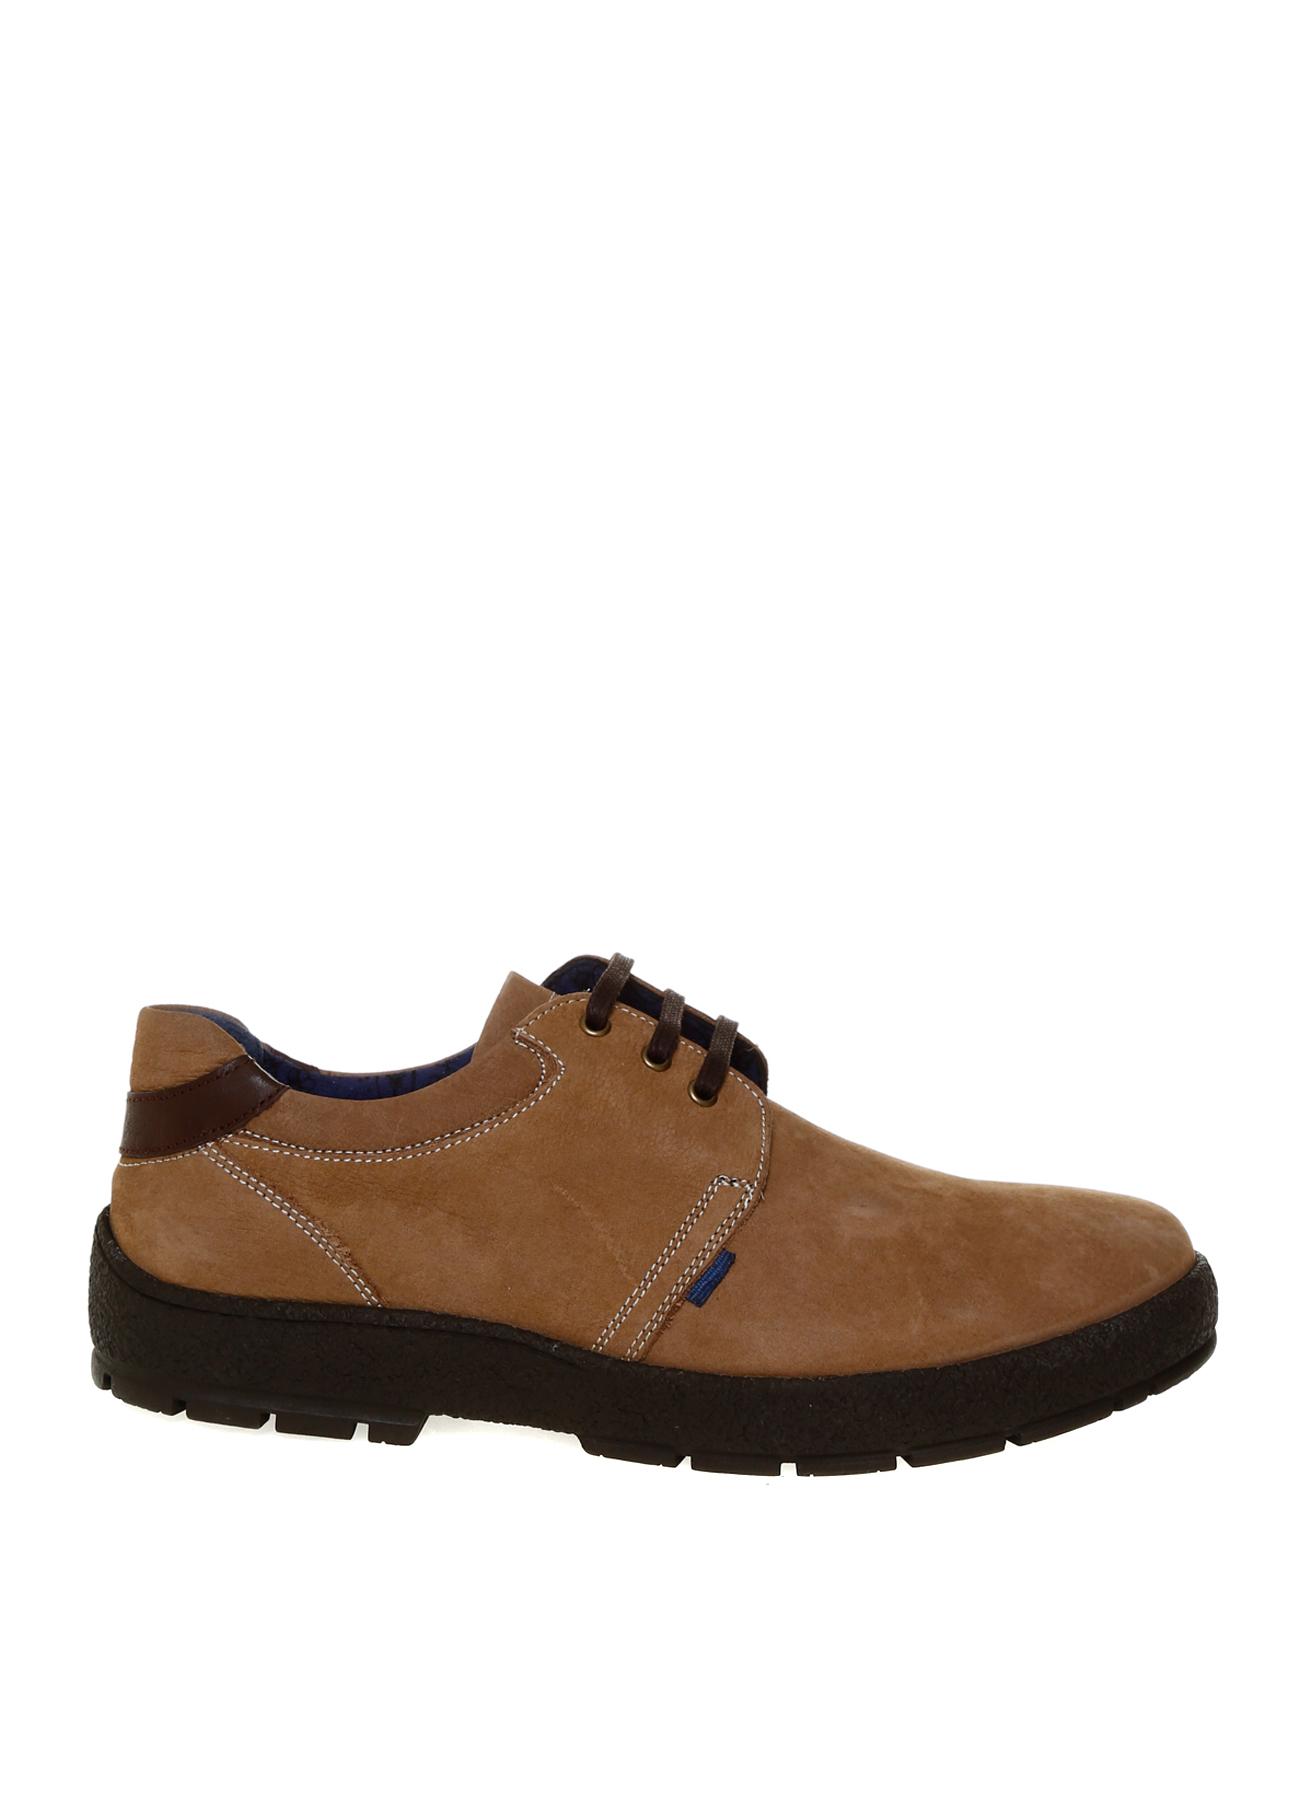 Limon Deri Kum Klasik Ayakkabı 41 5001916474002 Ürün Resmi